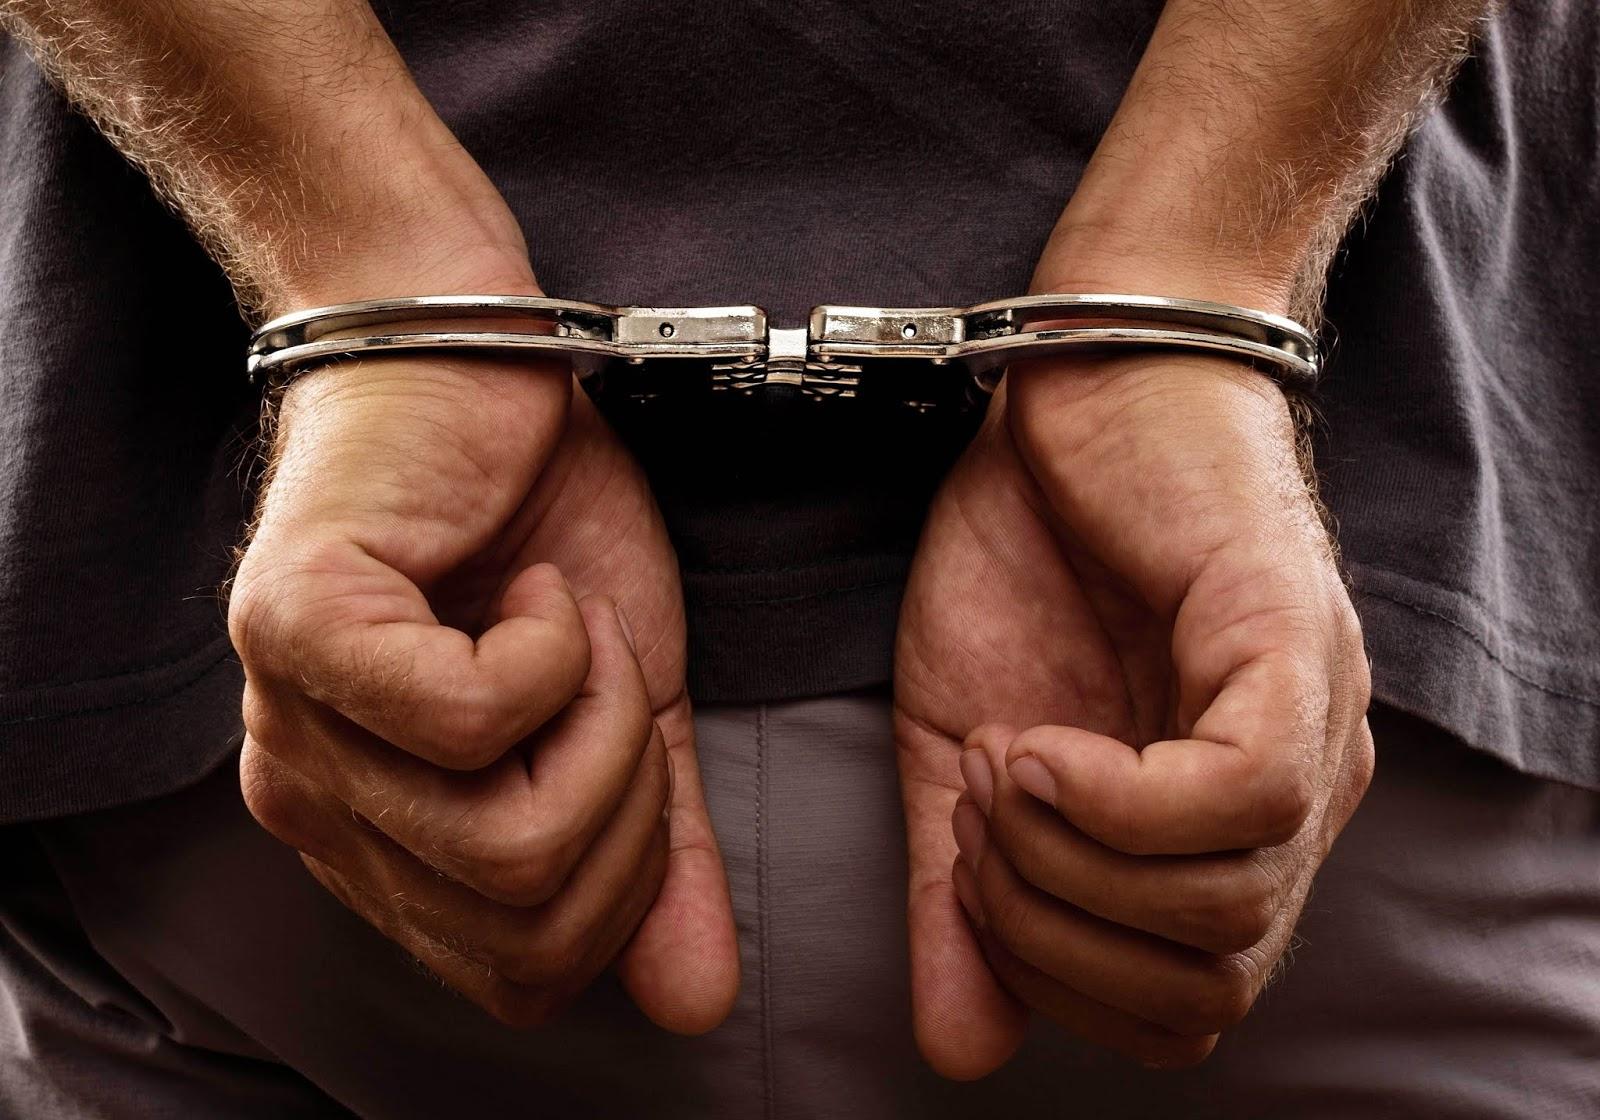 شيك بدون رصيد يجر رئيس جماعة ببرشيد الى الاعتقال